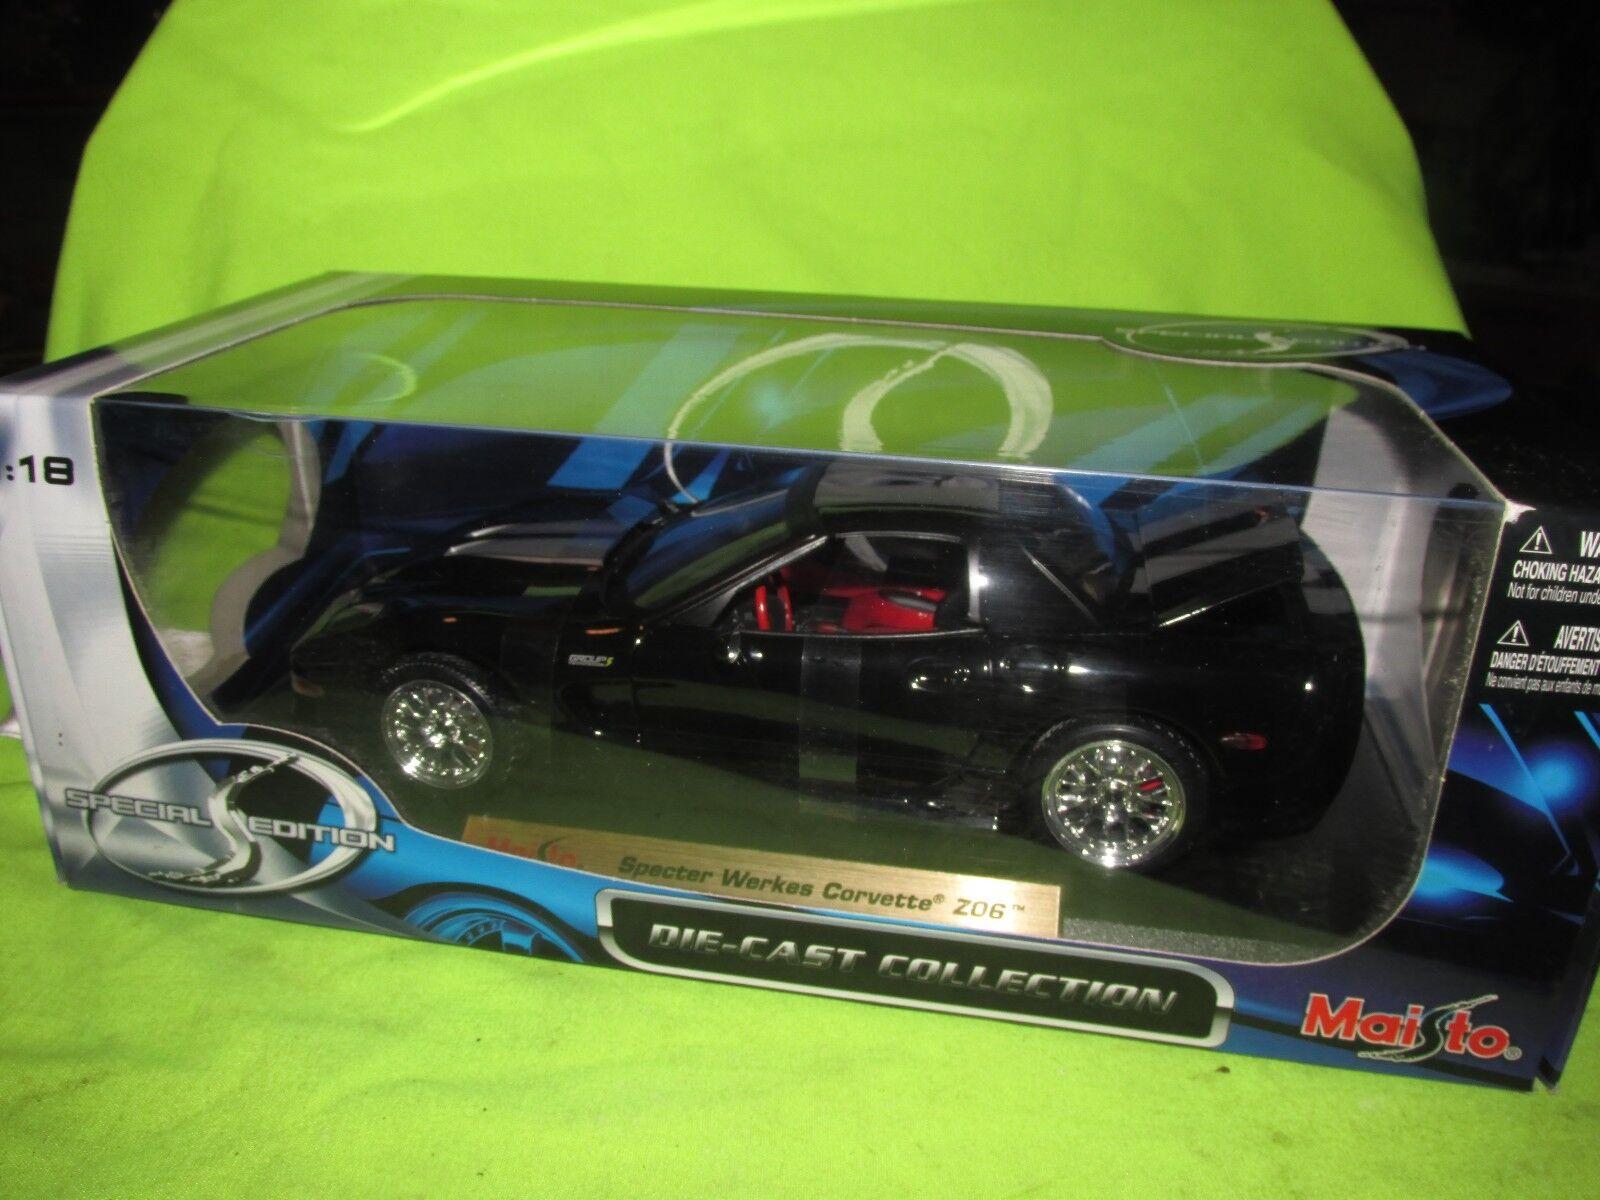 Spector Arbeiten Zo6 Corvette Maisto 1 18 Maßstab Schwarz W   Silbern Streifen  | Tragen-wider